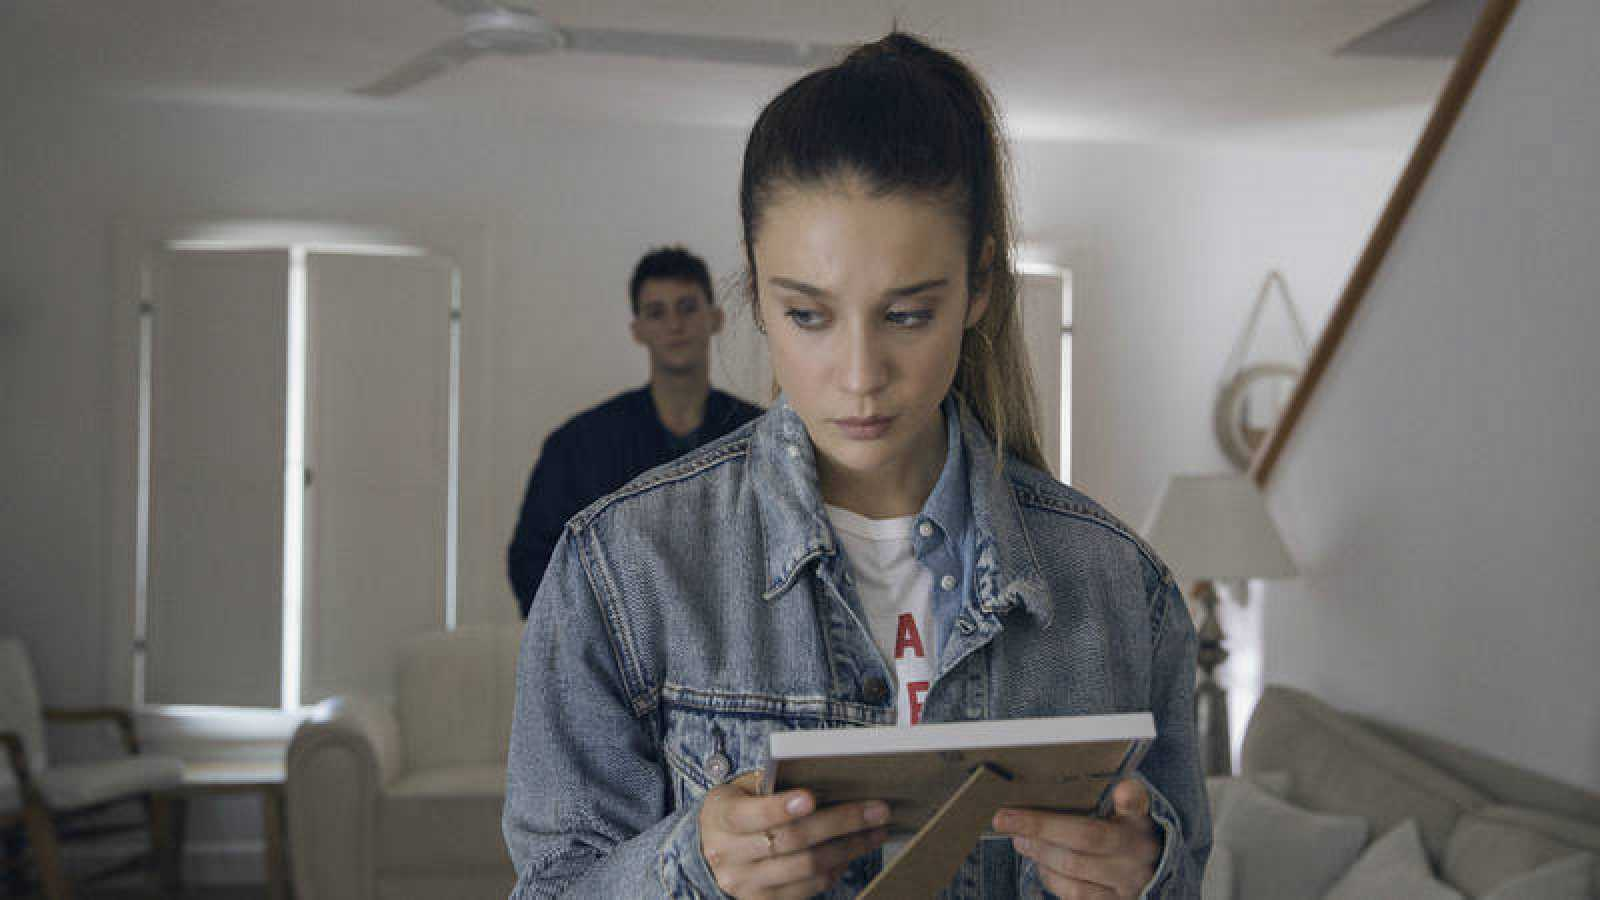 Alba sostiene un marco de fotos en las manos, ¿se lo ha dado Dani?